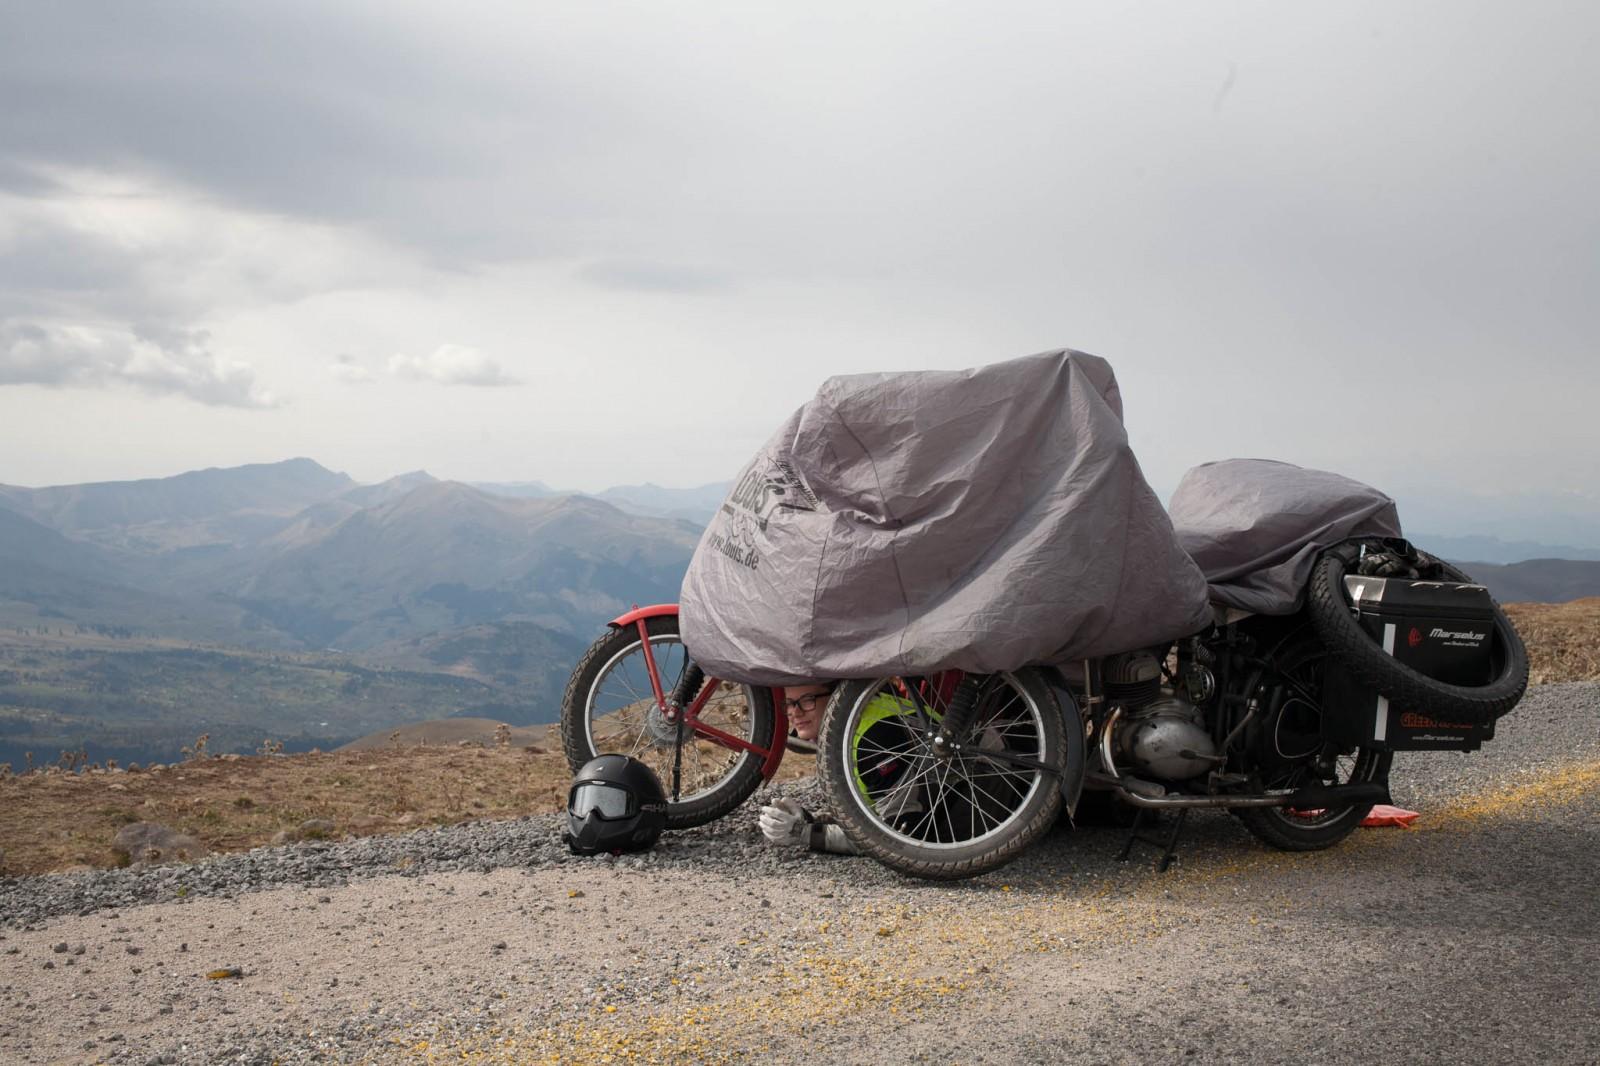 Moto kemp